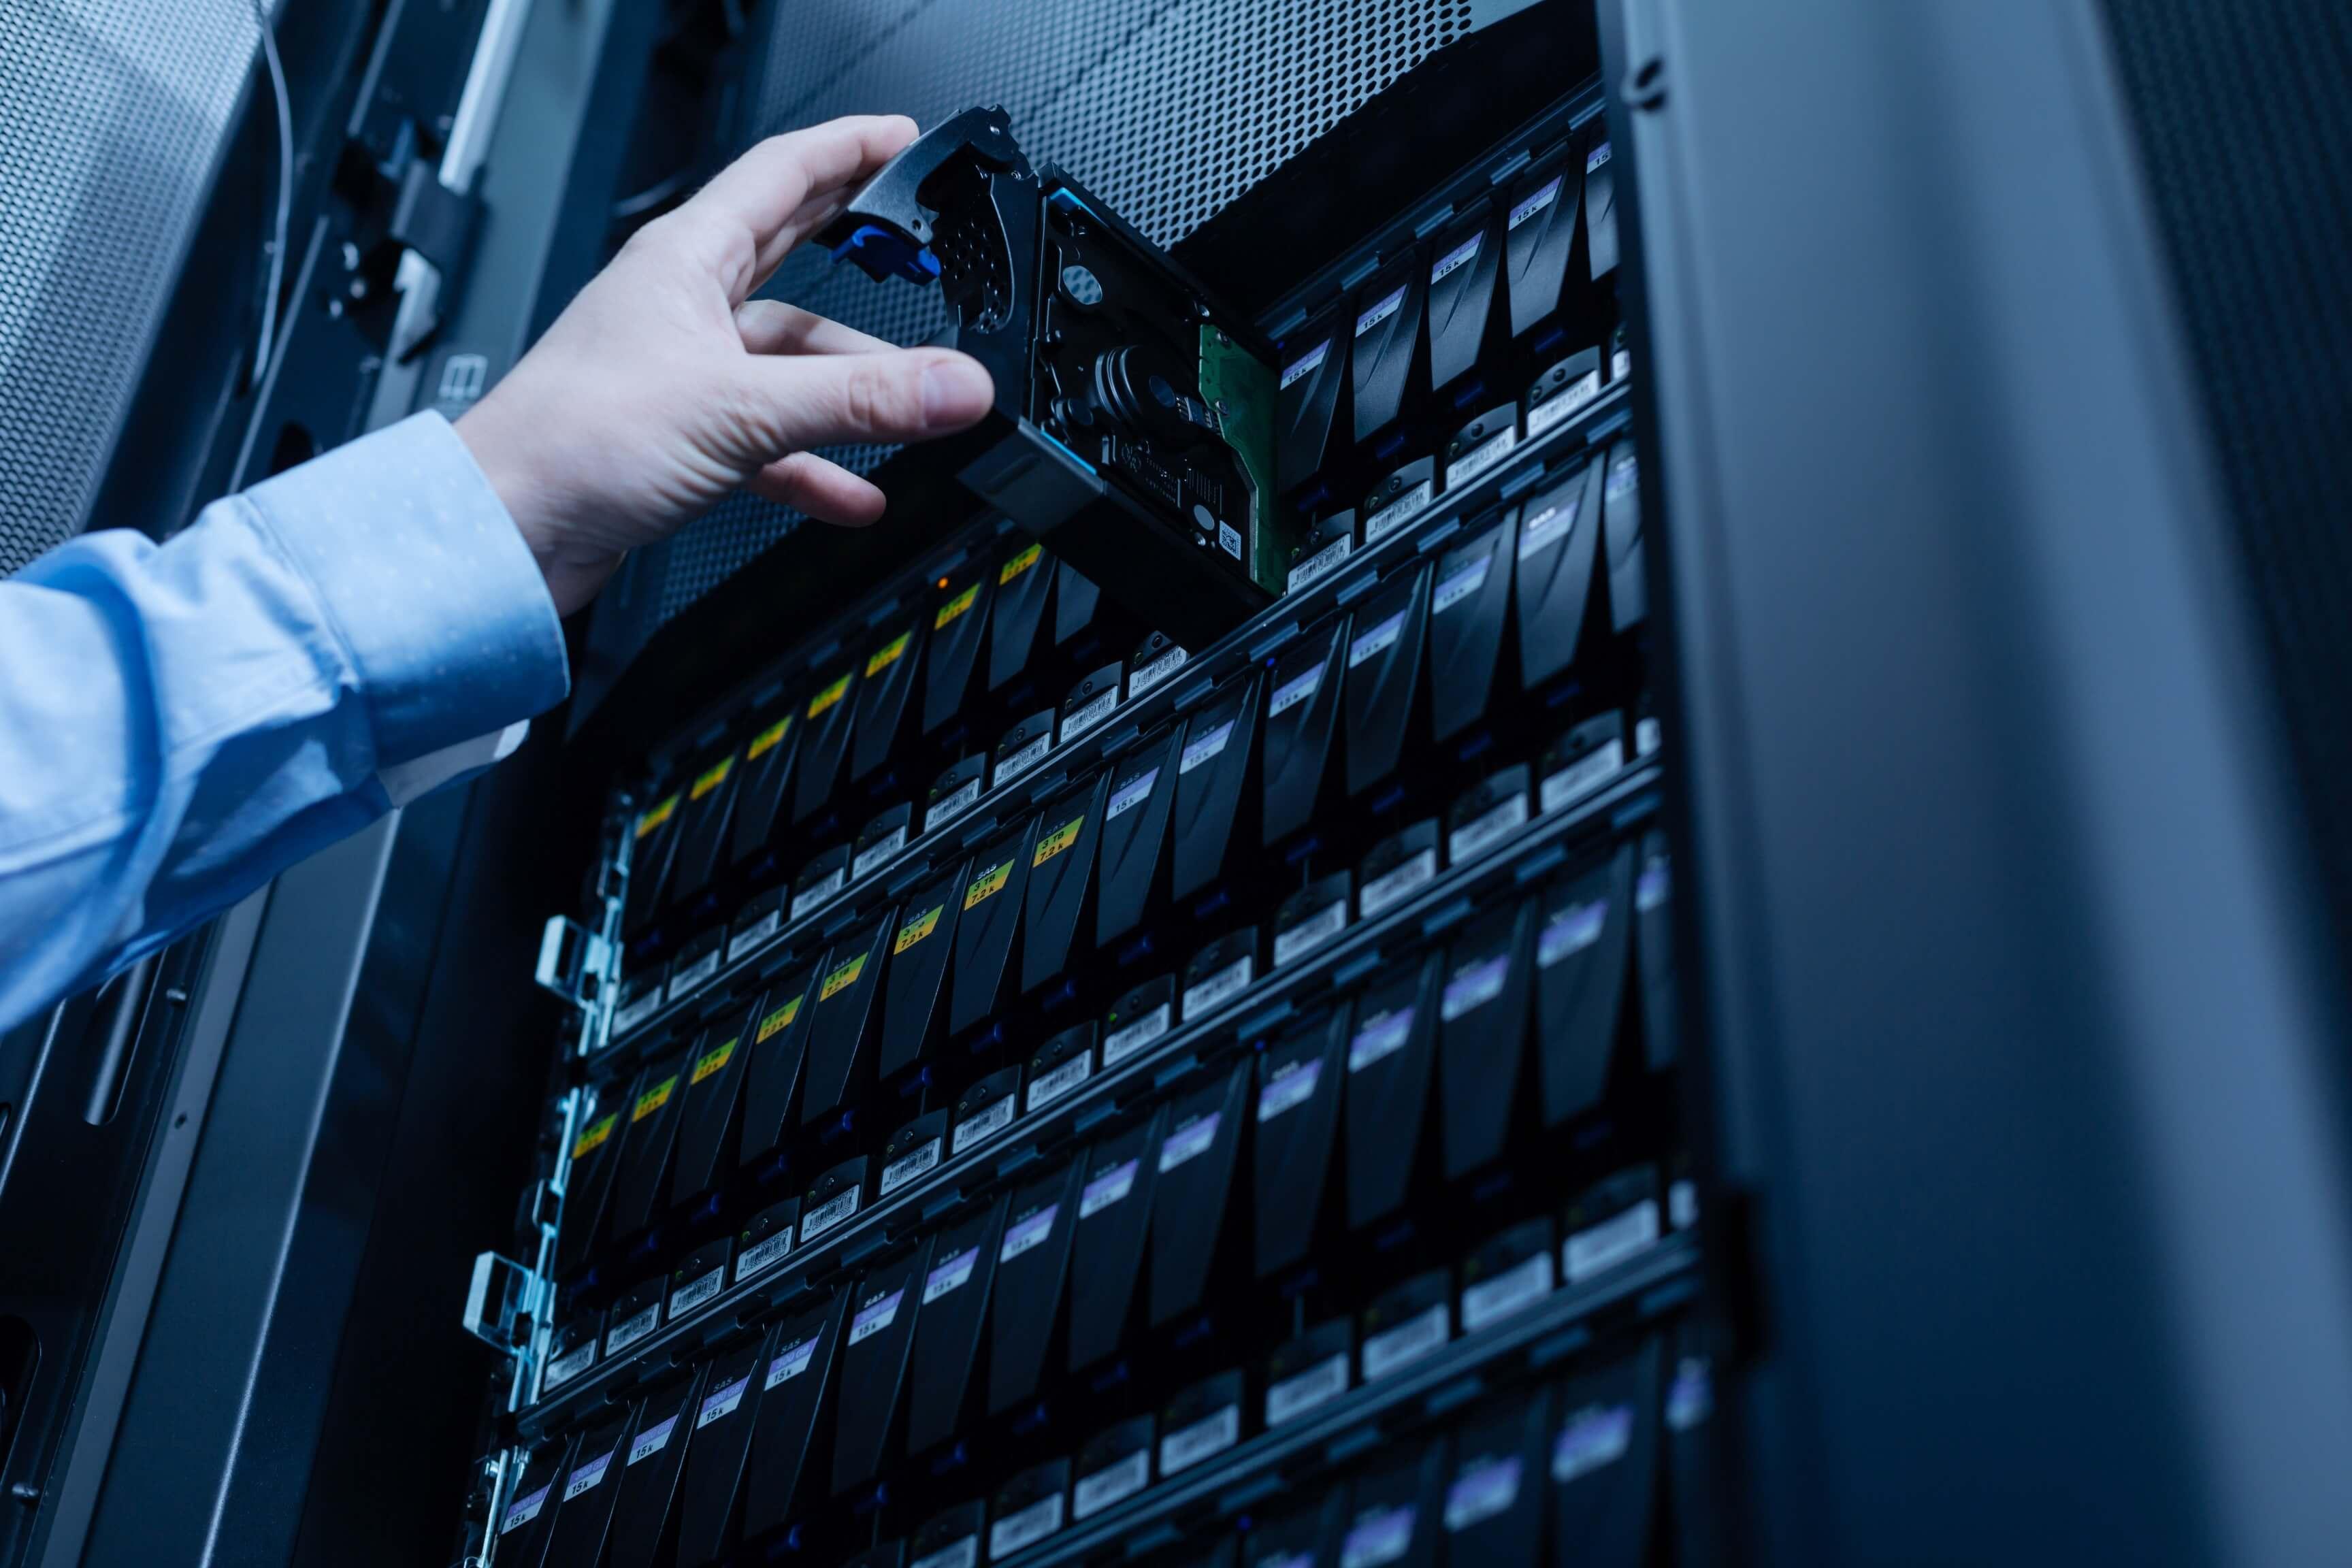 Датацентр «Парковий» має намір розмістити на своїх ресурсах освітню платформу Integrated Technology Laboratory | datapark.com.ua